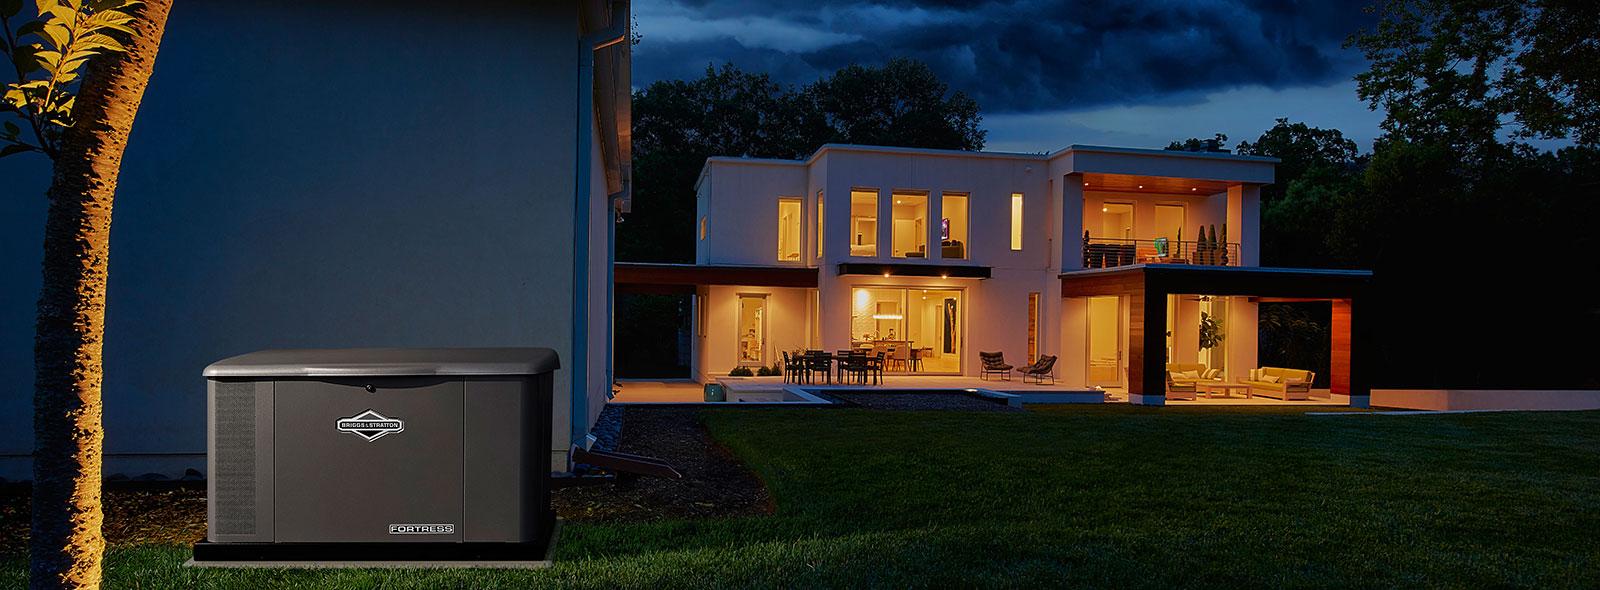 Home Standby Generators | Briggs & Stratton